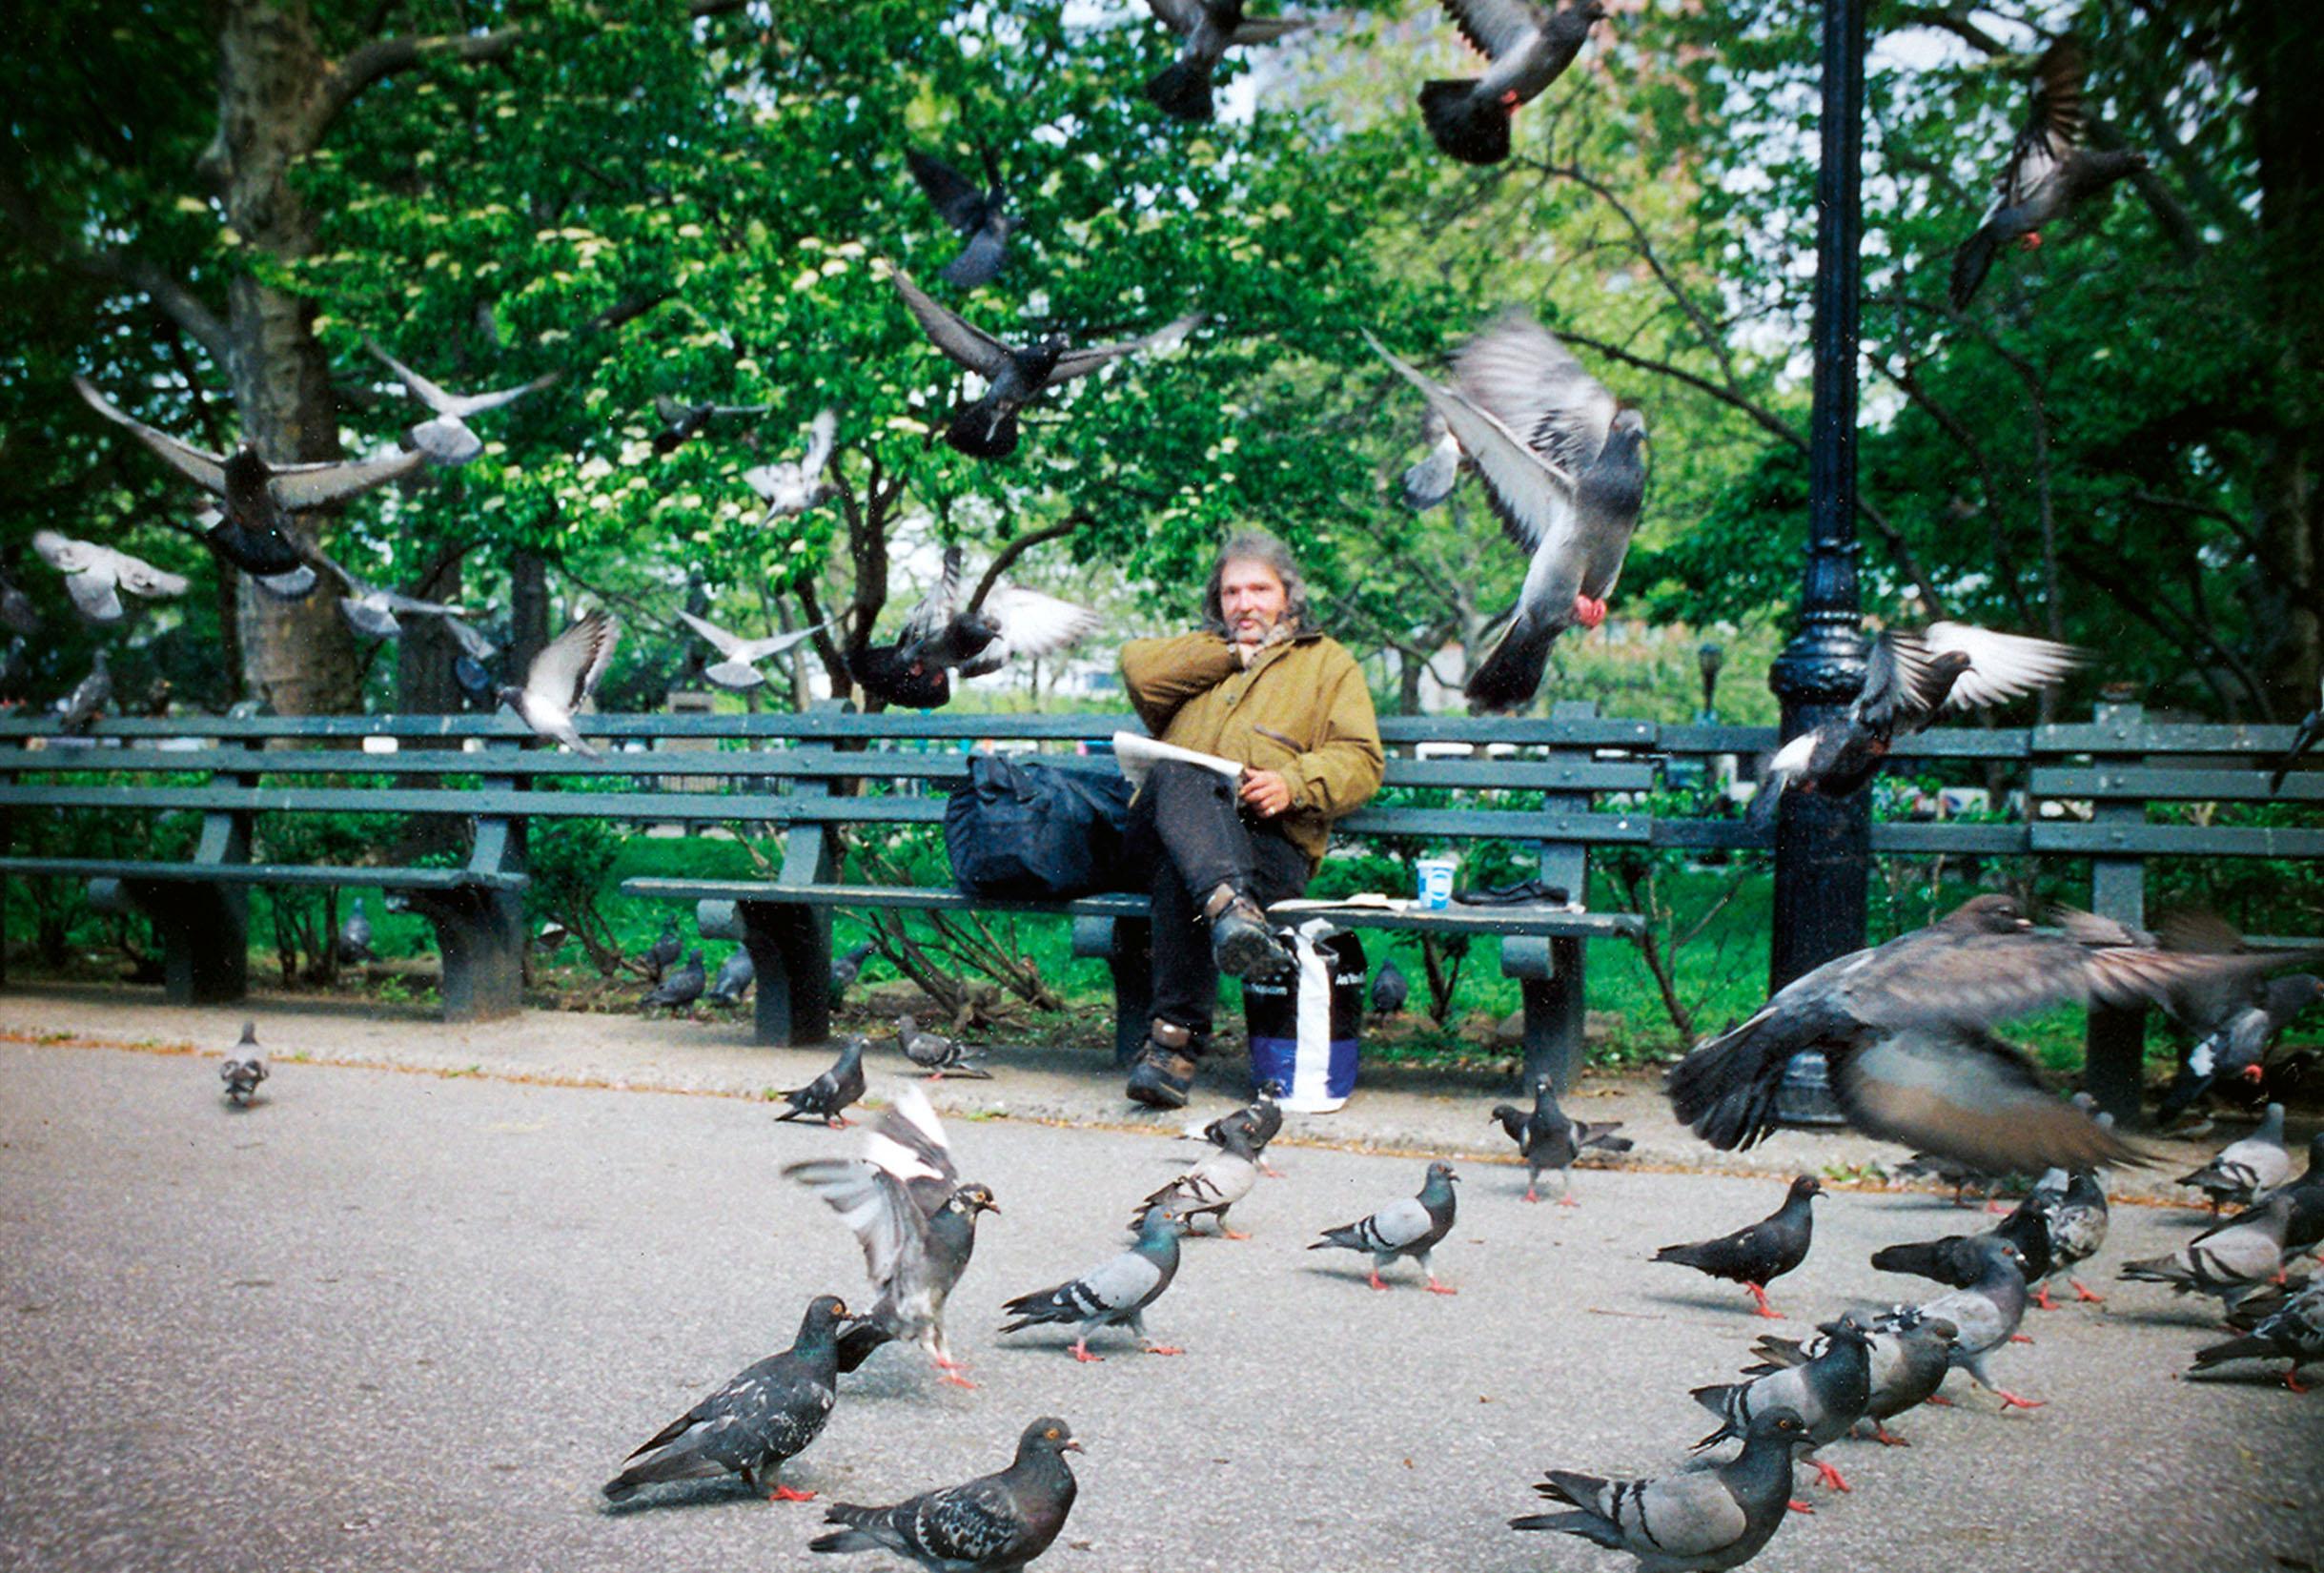 shane_deruise_new_york_birds.jpg